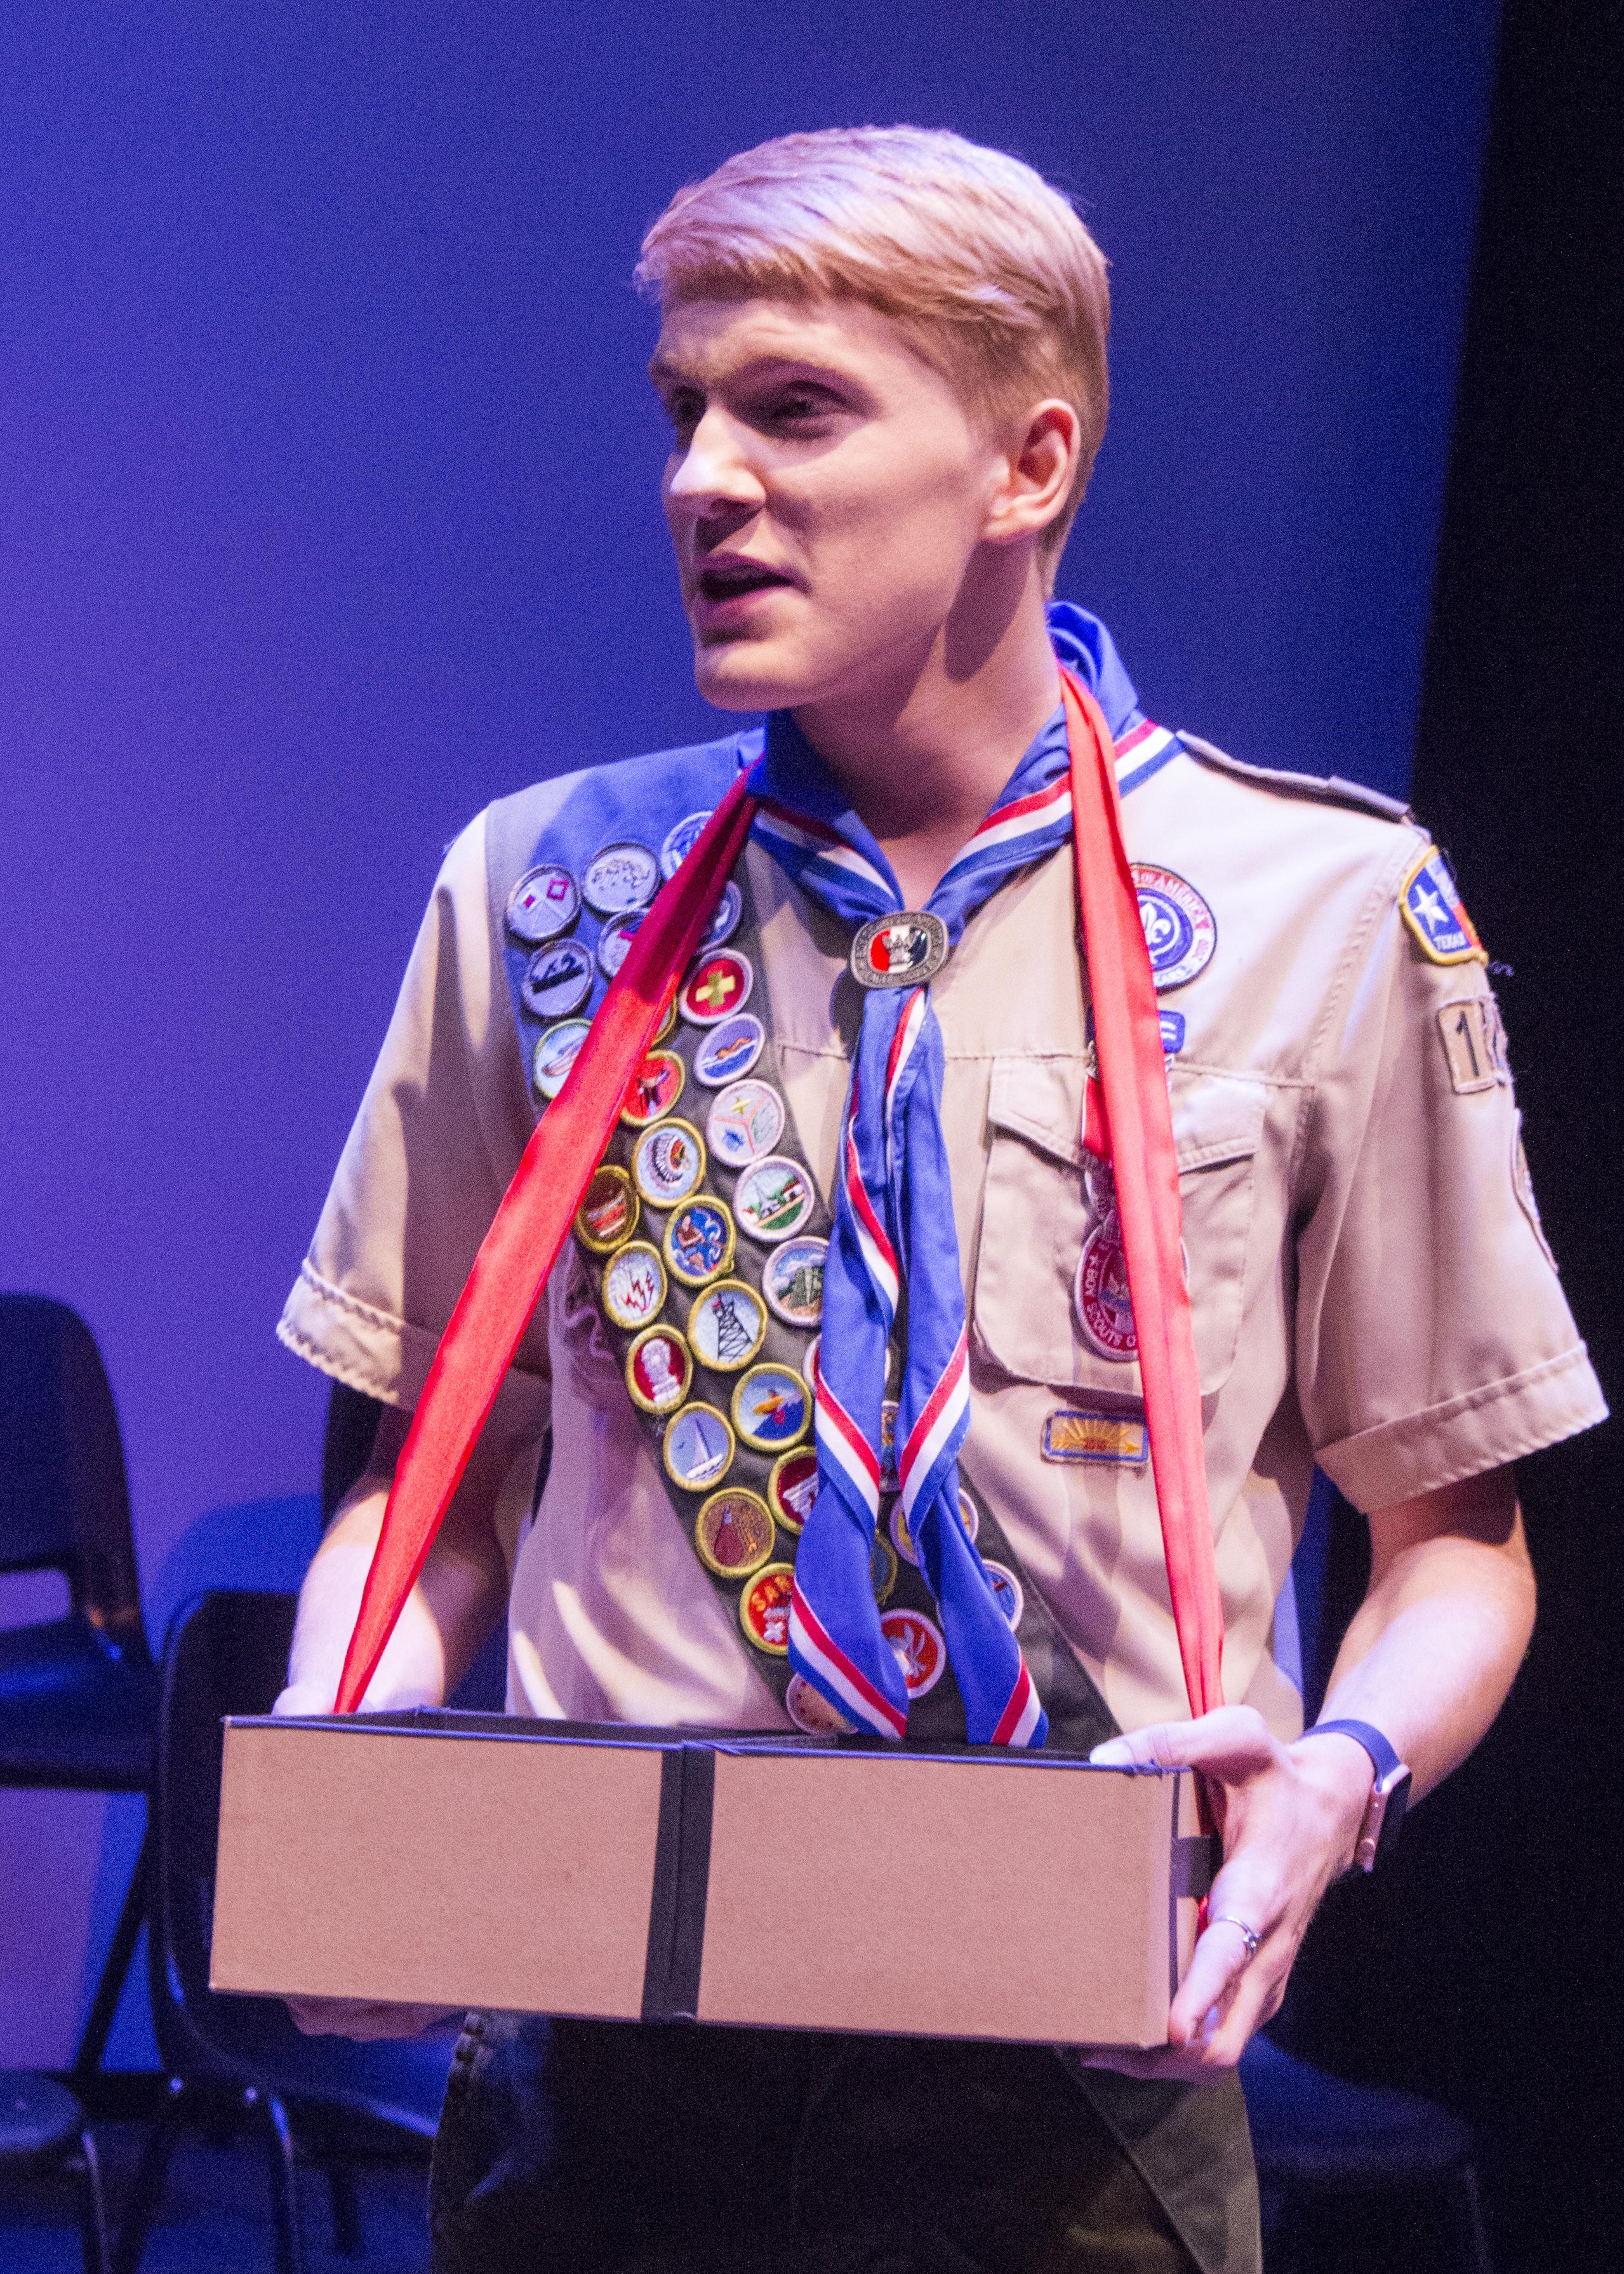 Justin Vrana as Chip